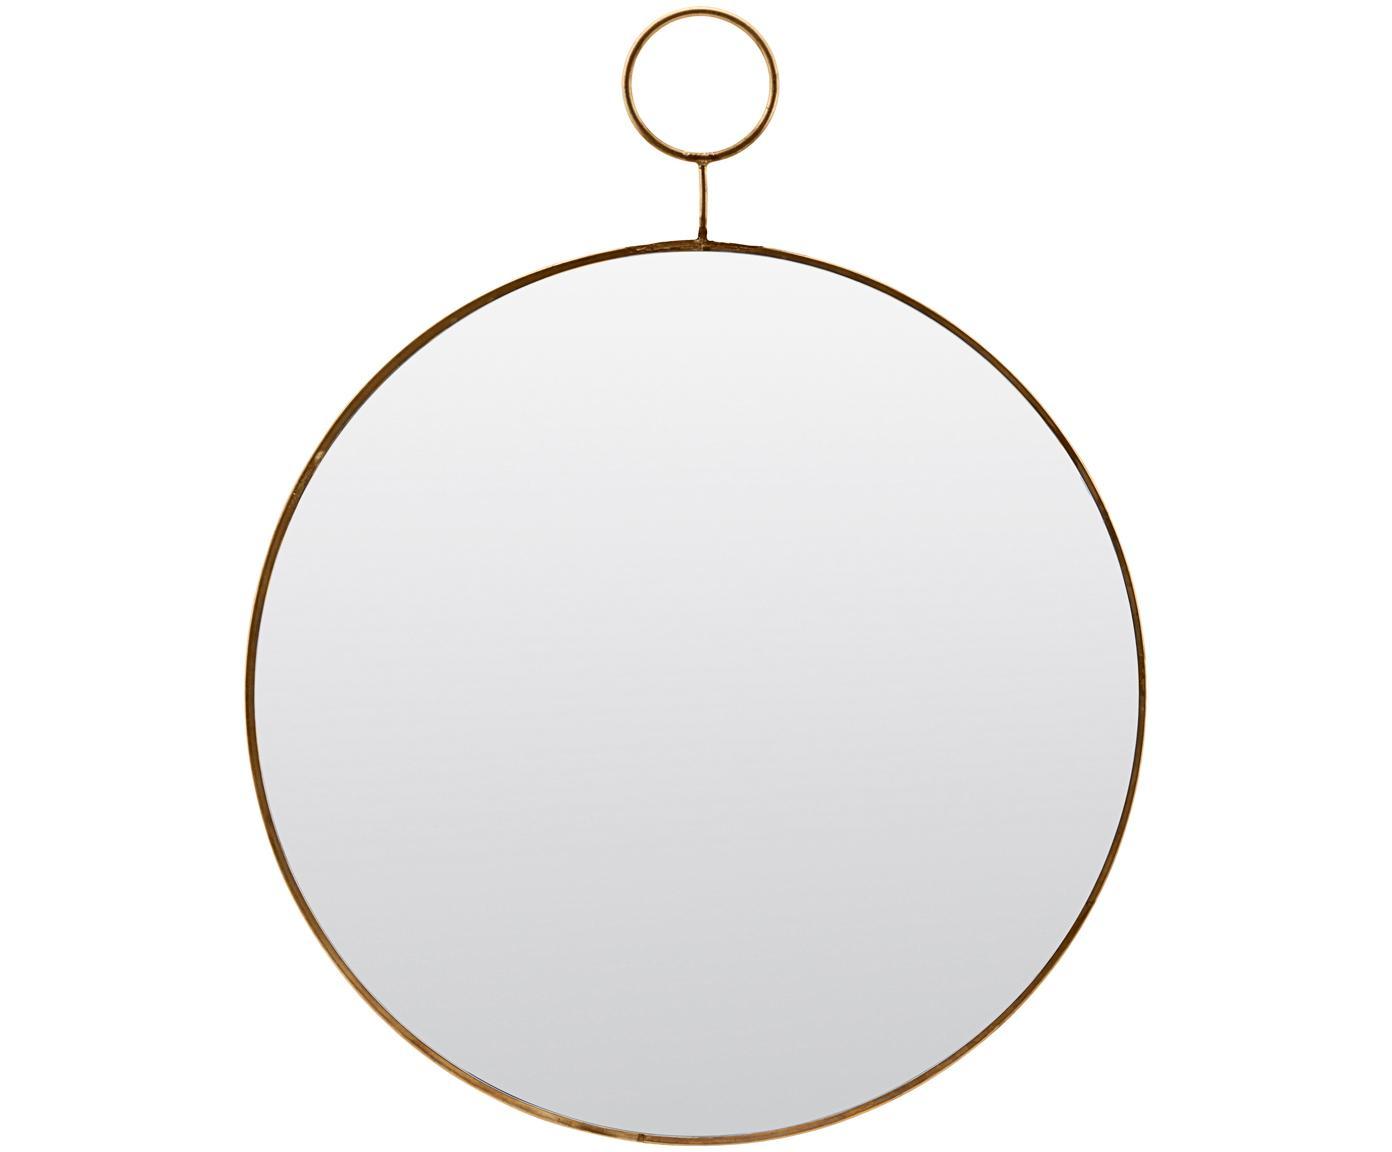 Runder Wandspiegel Loop mit gebürstetem Messingrahmen, Rand: Metall mit gewollten Gebr, Spiegelfläche: Spiegelglas, Rand: Messingfarben<br>Spiegelfläche: Spiegelglas, Ø 32 cm